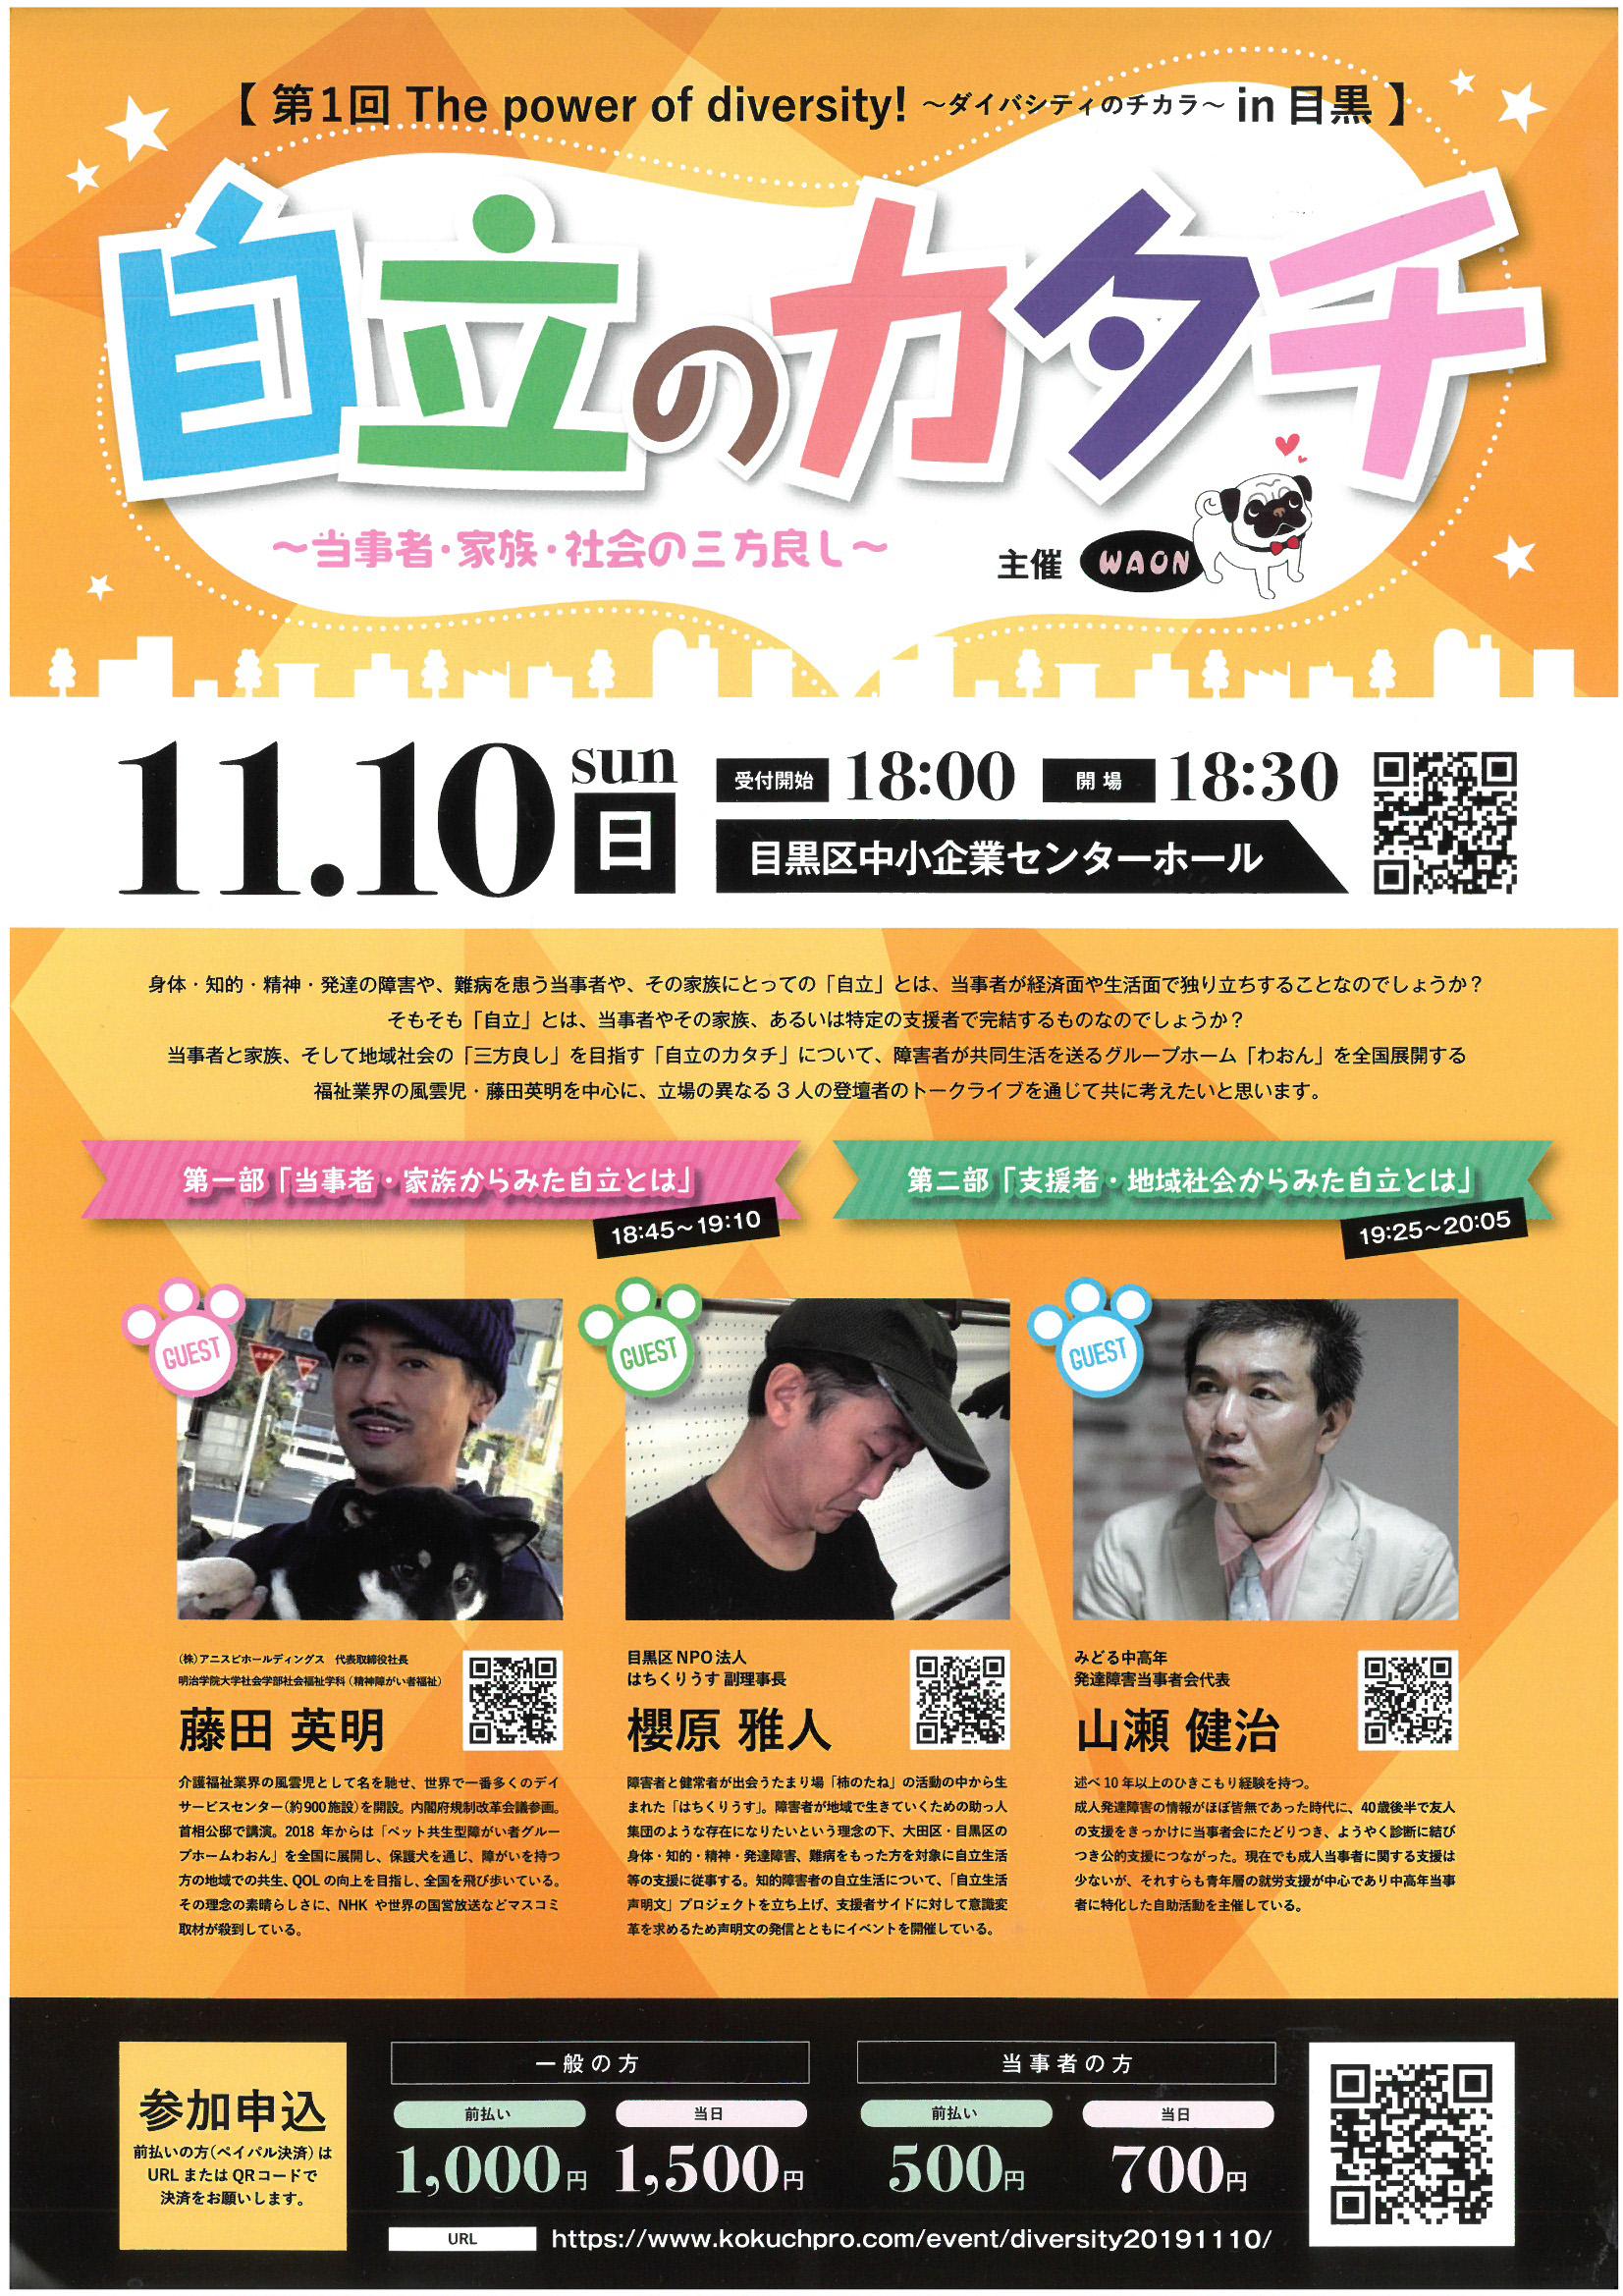 イベント「自立のカタチ」のイメージ